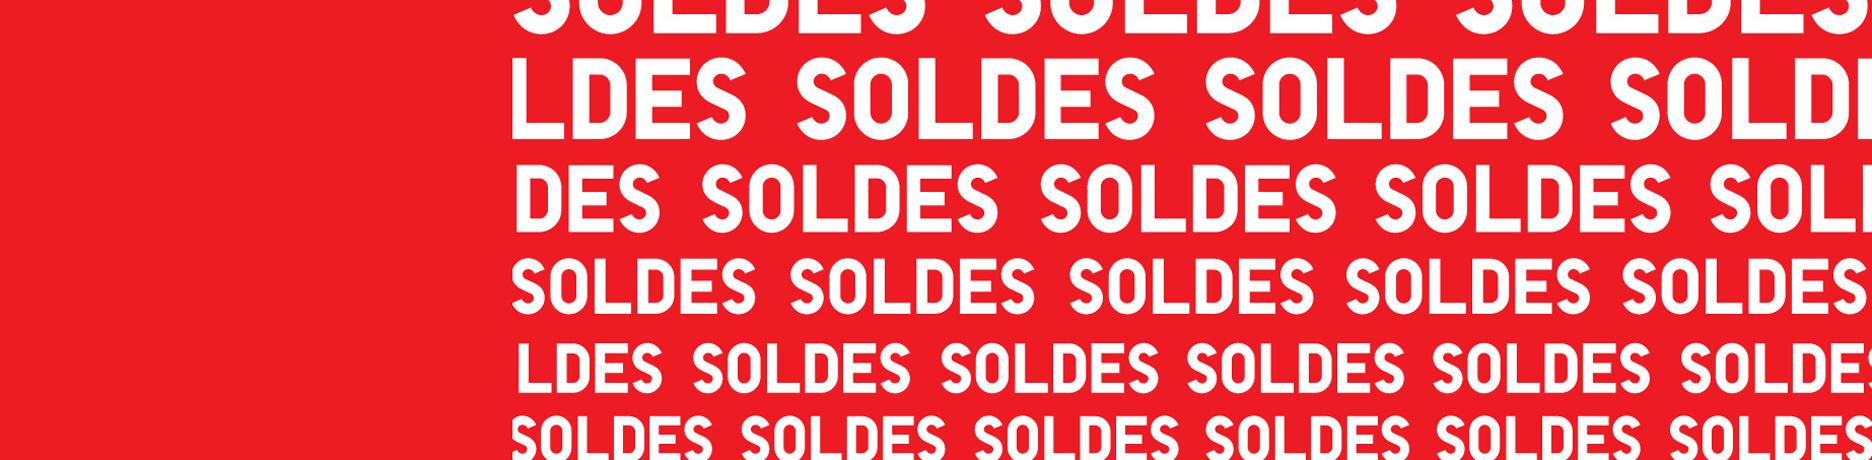 SOLDES ETE 2017